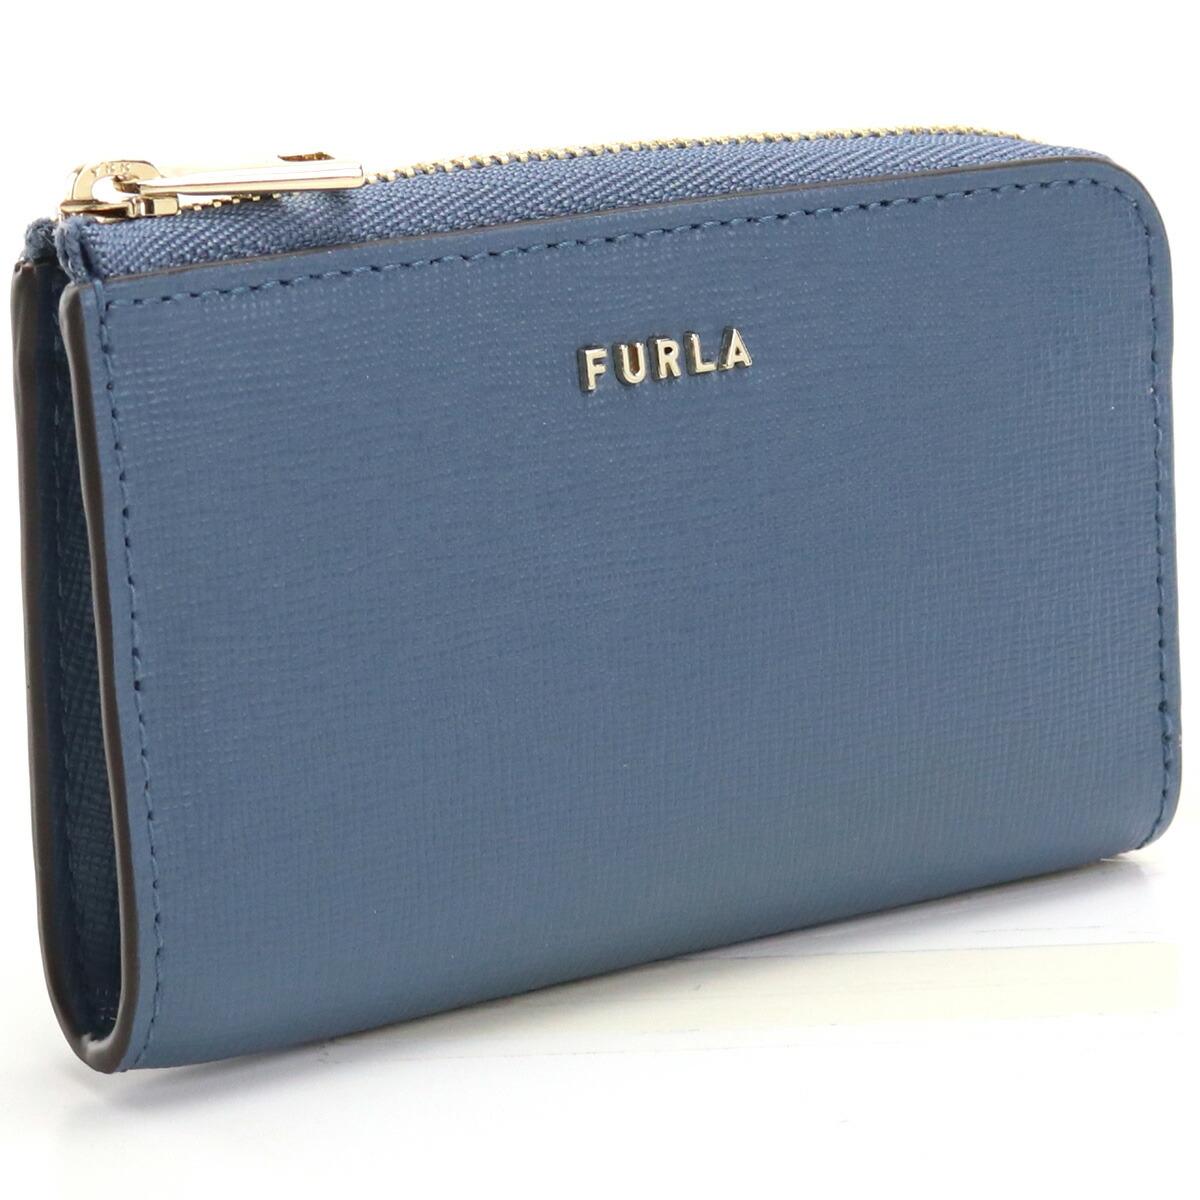 フルラ FURLA BABYLON キーケース ブランドキーケース WR00123 B30000 0245S BLU DENIM+BALLERINA ブルー系 gsw-2